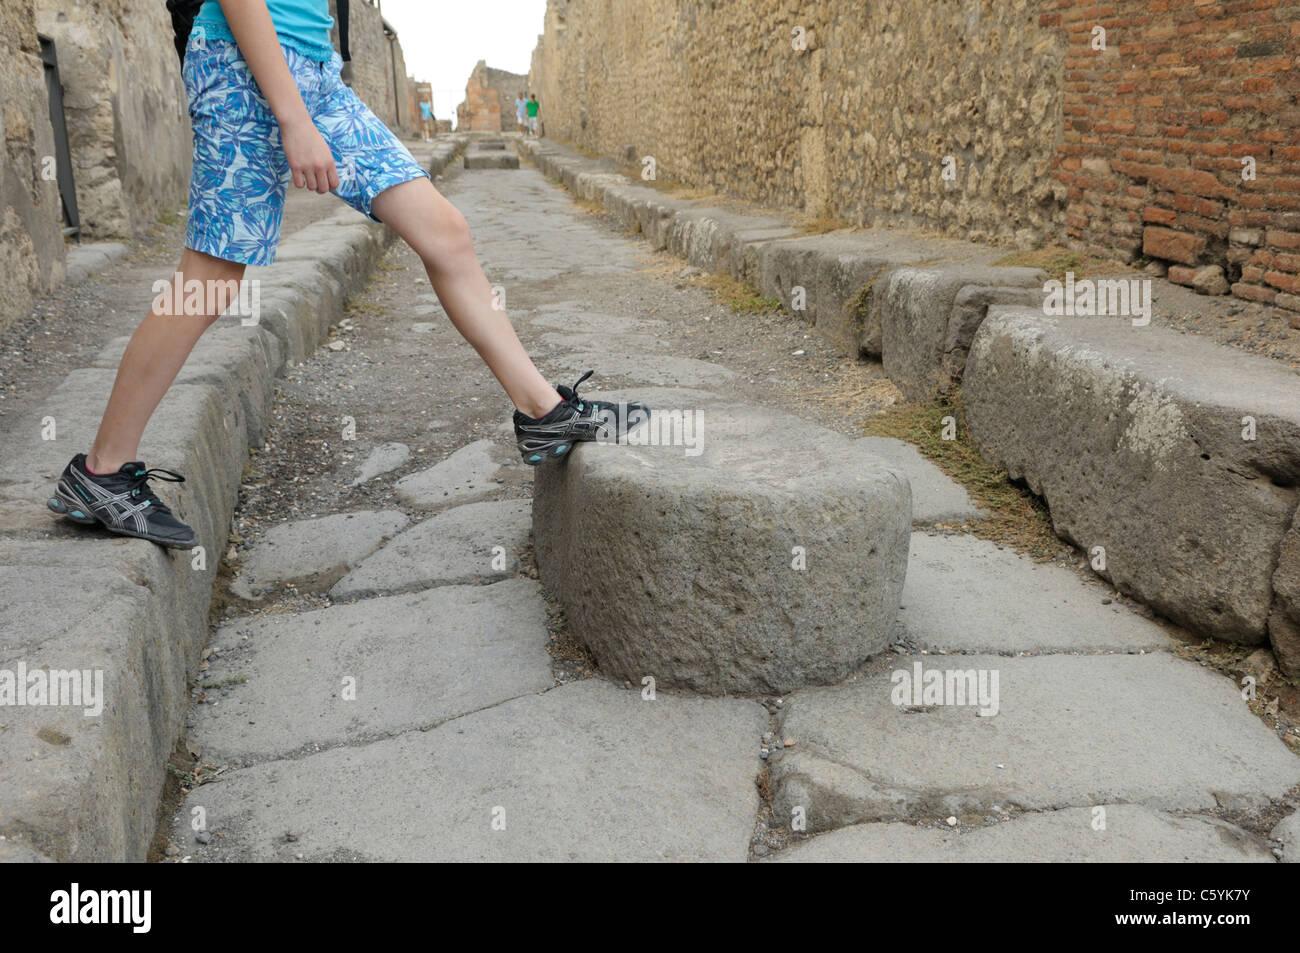 Überqueren einer Straße in Pompeji.  Die großen Steinen half Bürger schlampige Straßen Stockbild